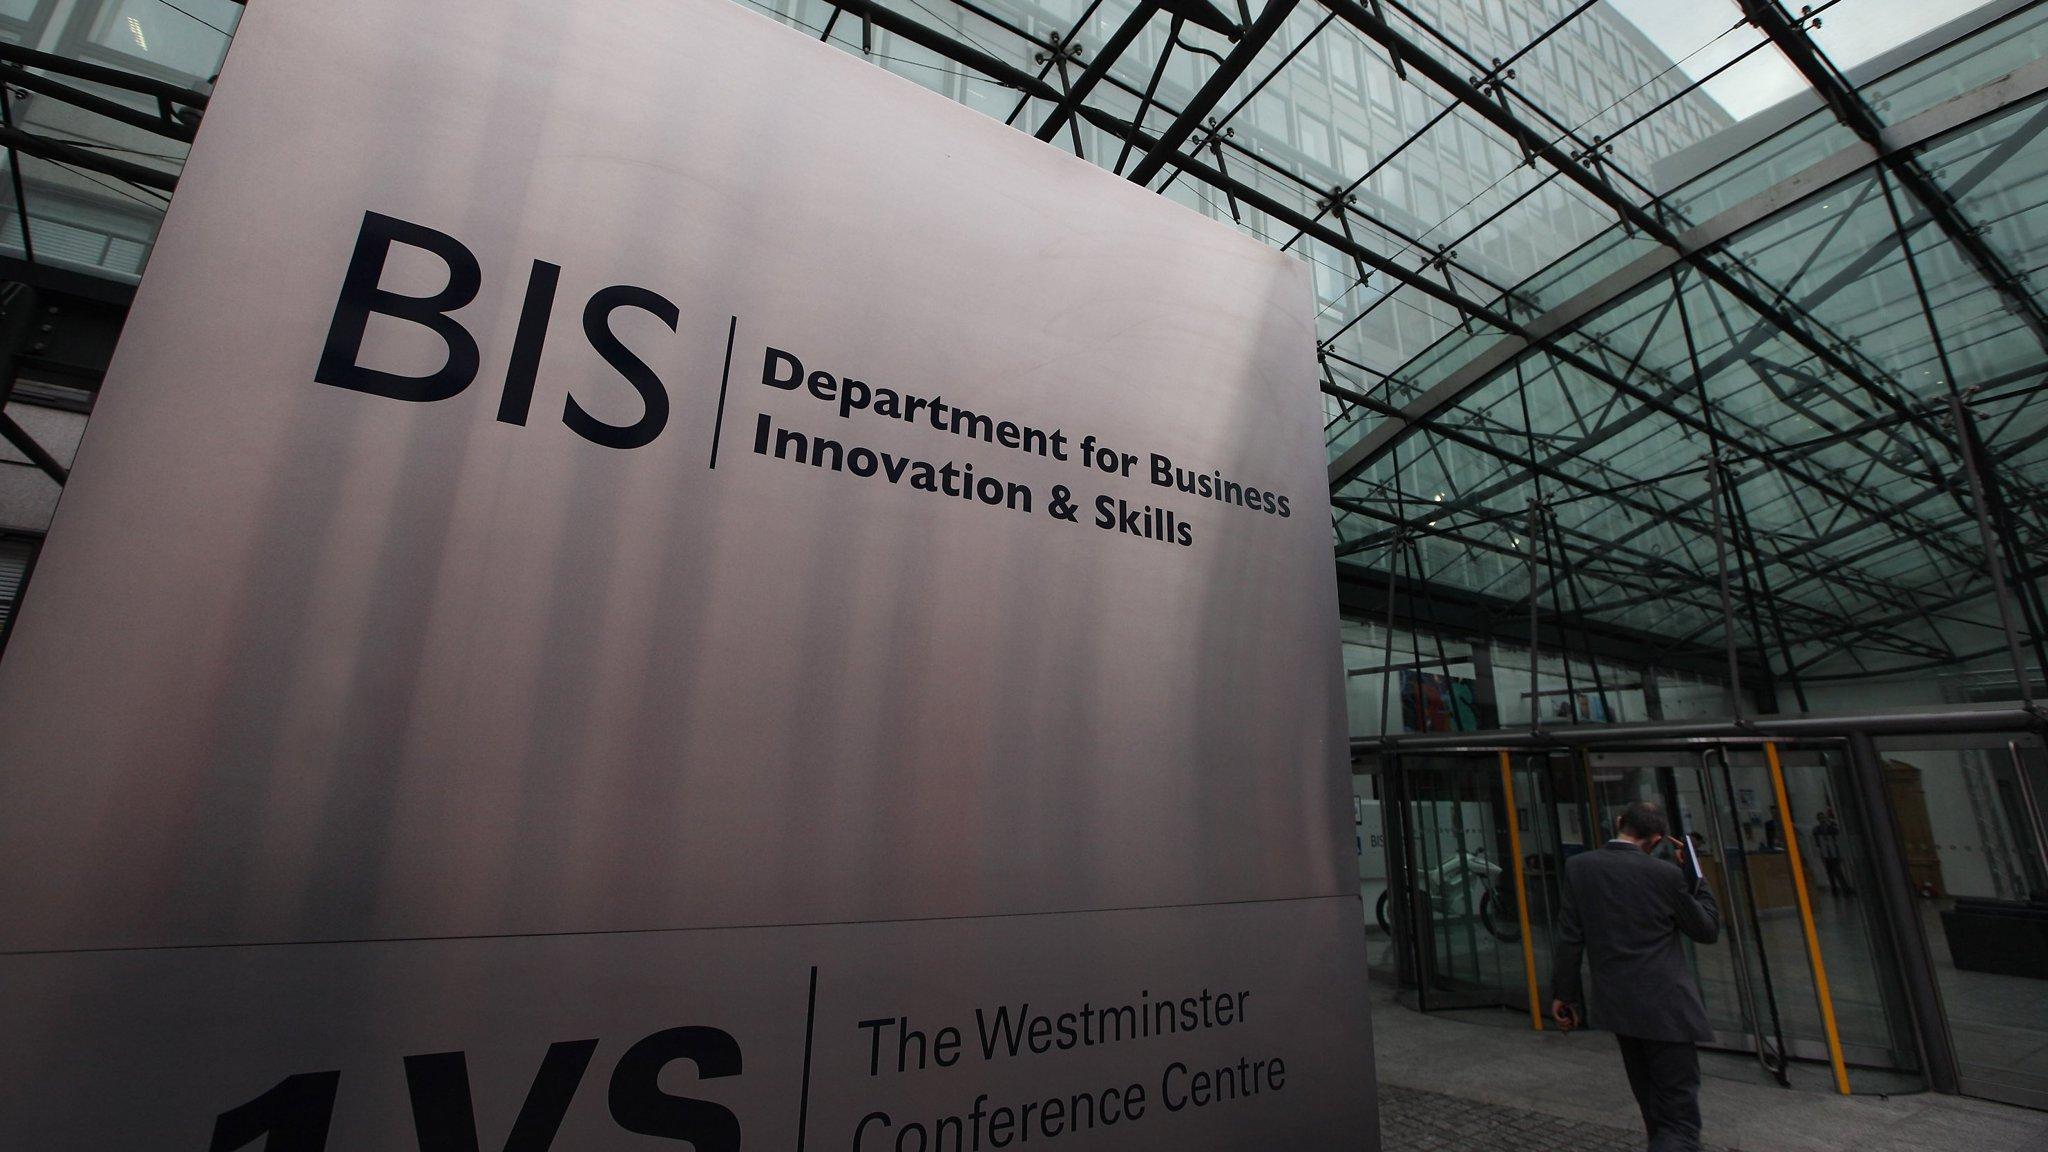 UK business department rebranding highlights quandaries